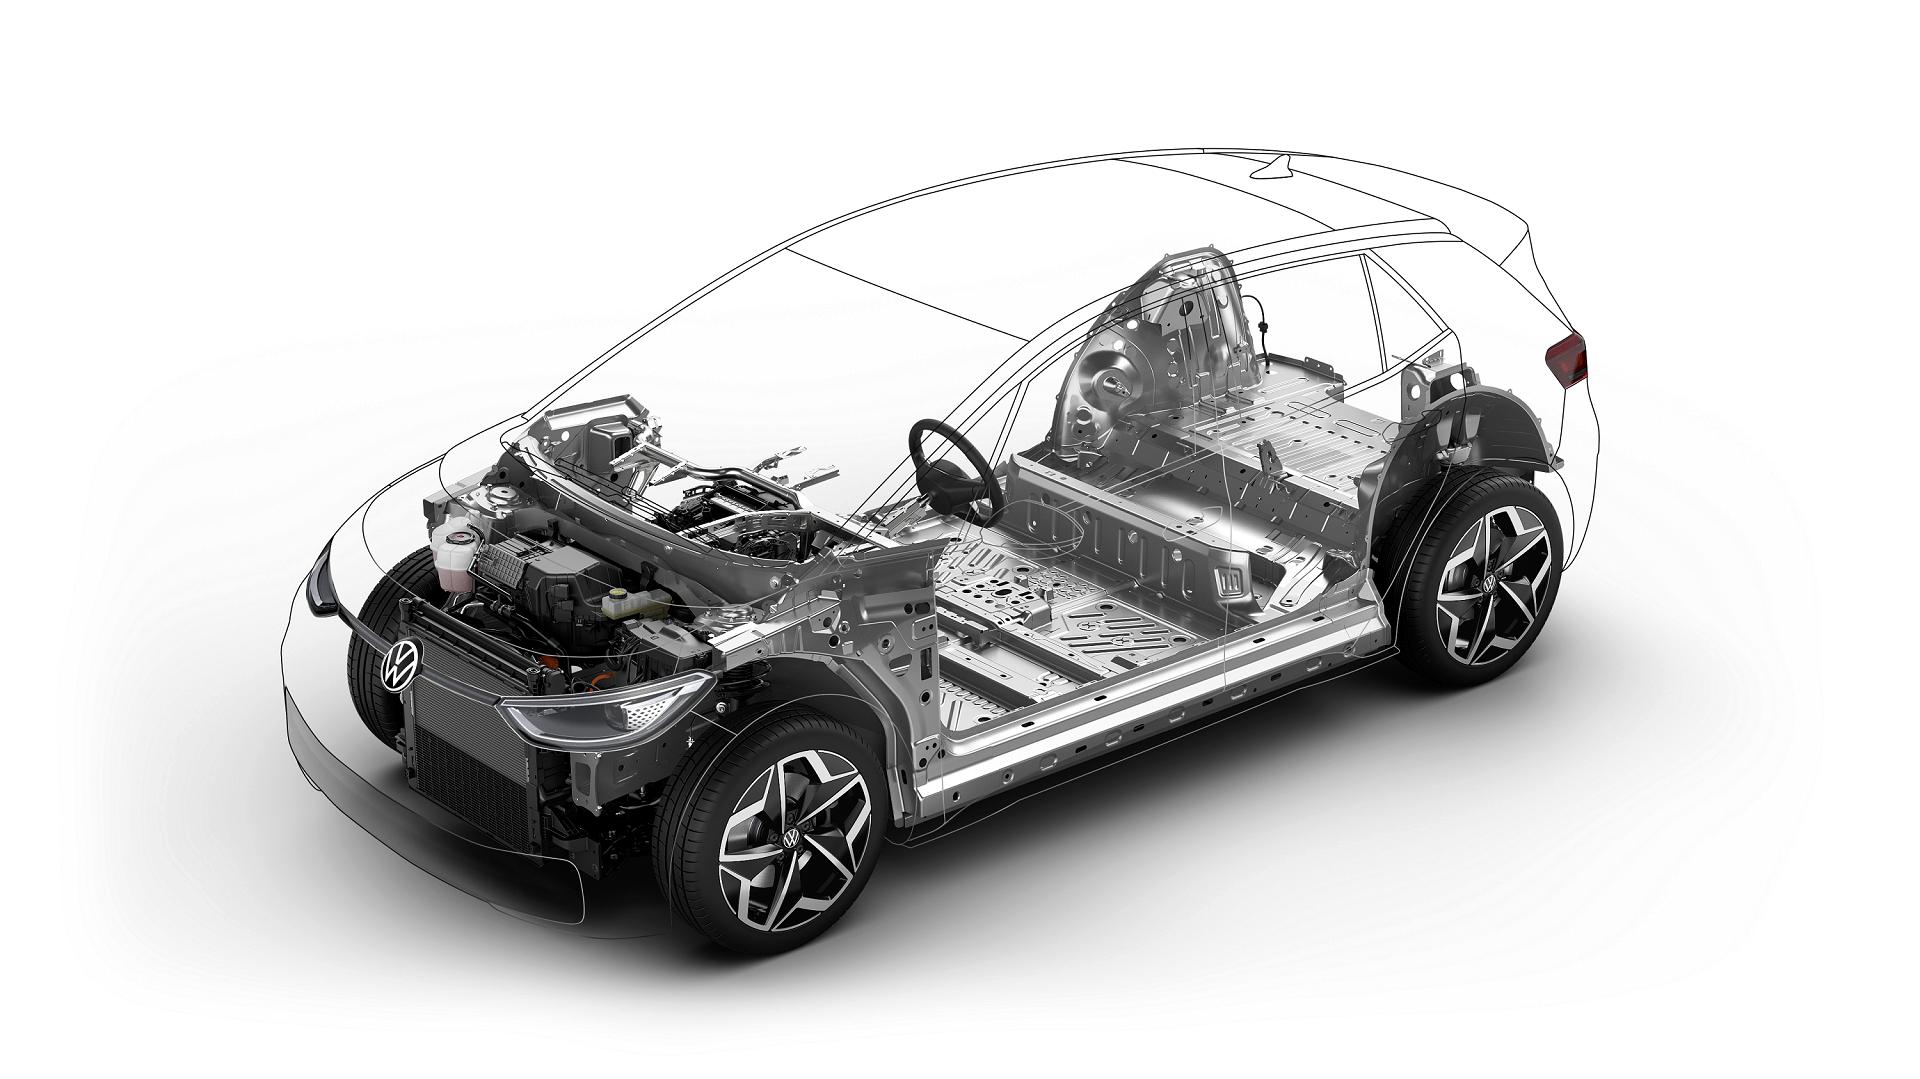 VW ID.3 - Αρθρωτή πλατφόρμα για την ηλεκτροκίνηση (MEB – Modularer E-Antriebs Baukasten)